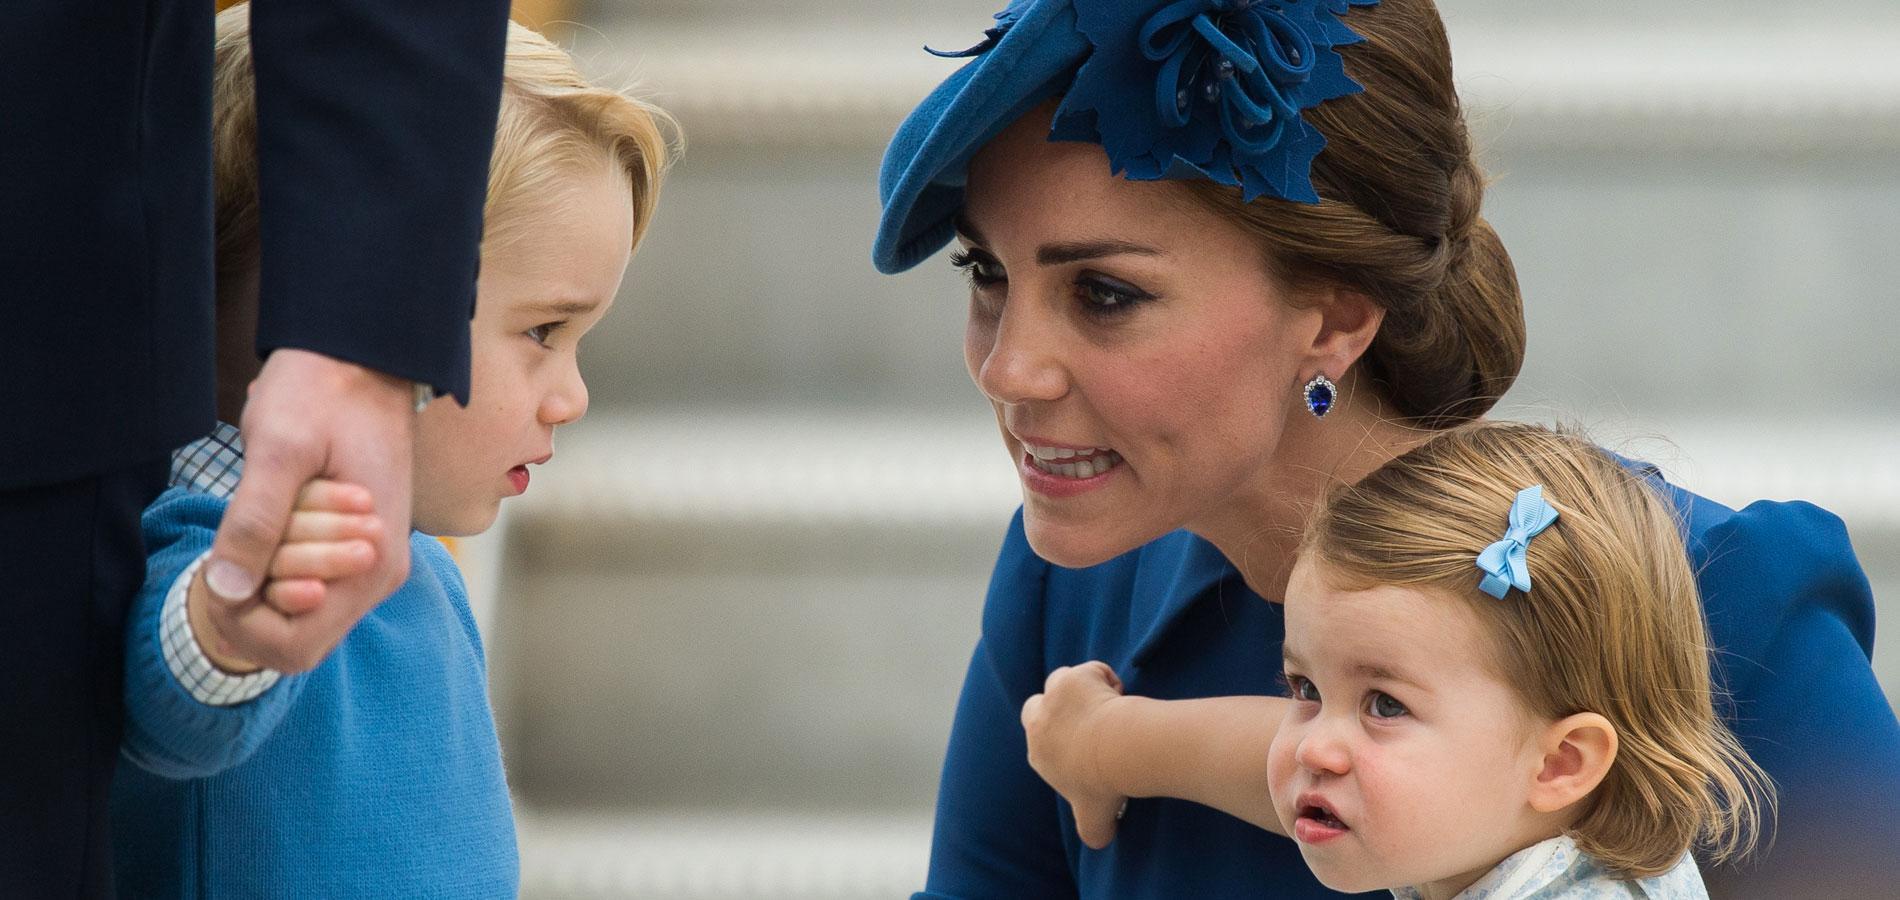 Mariage de Pippa Middleton : la princesse Charlotte et le prince George seront bien enfants d'honneur